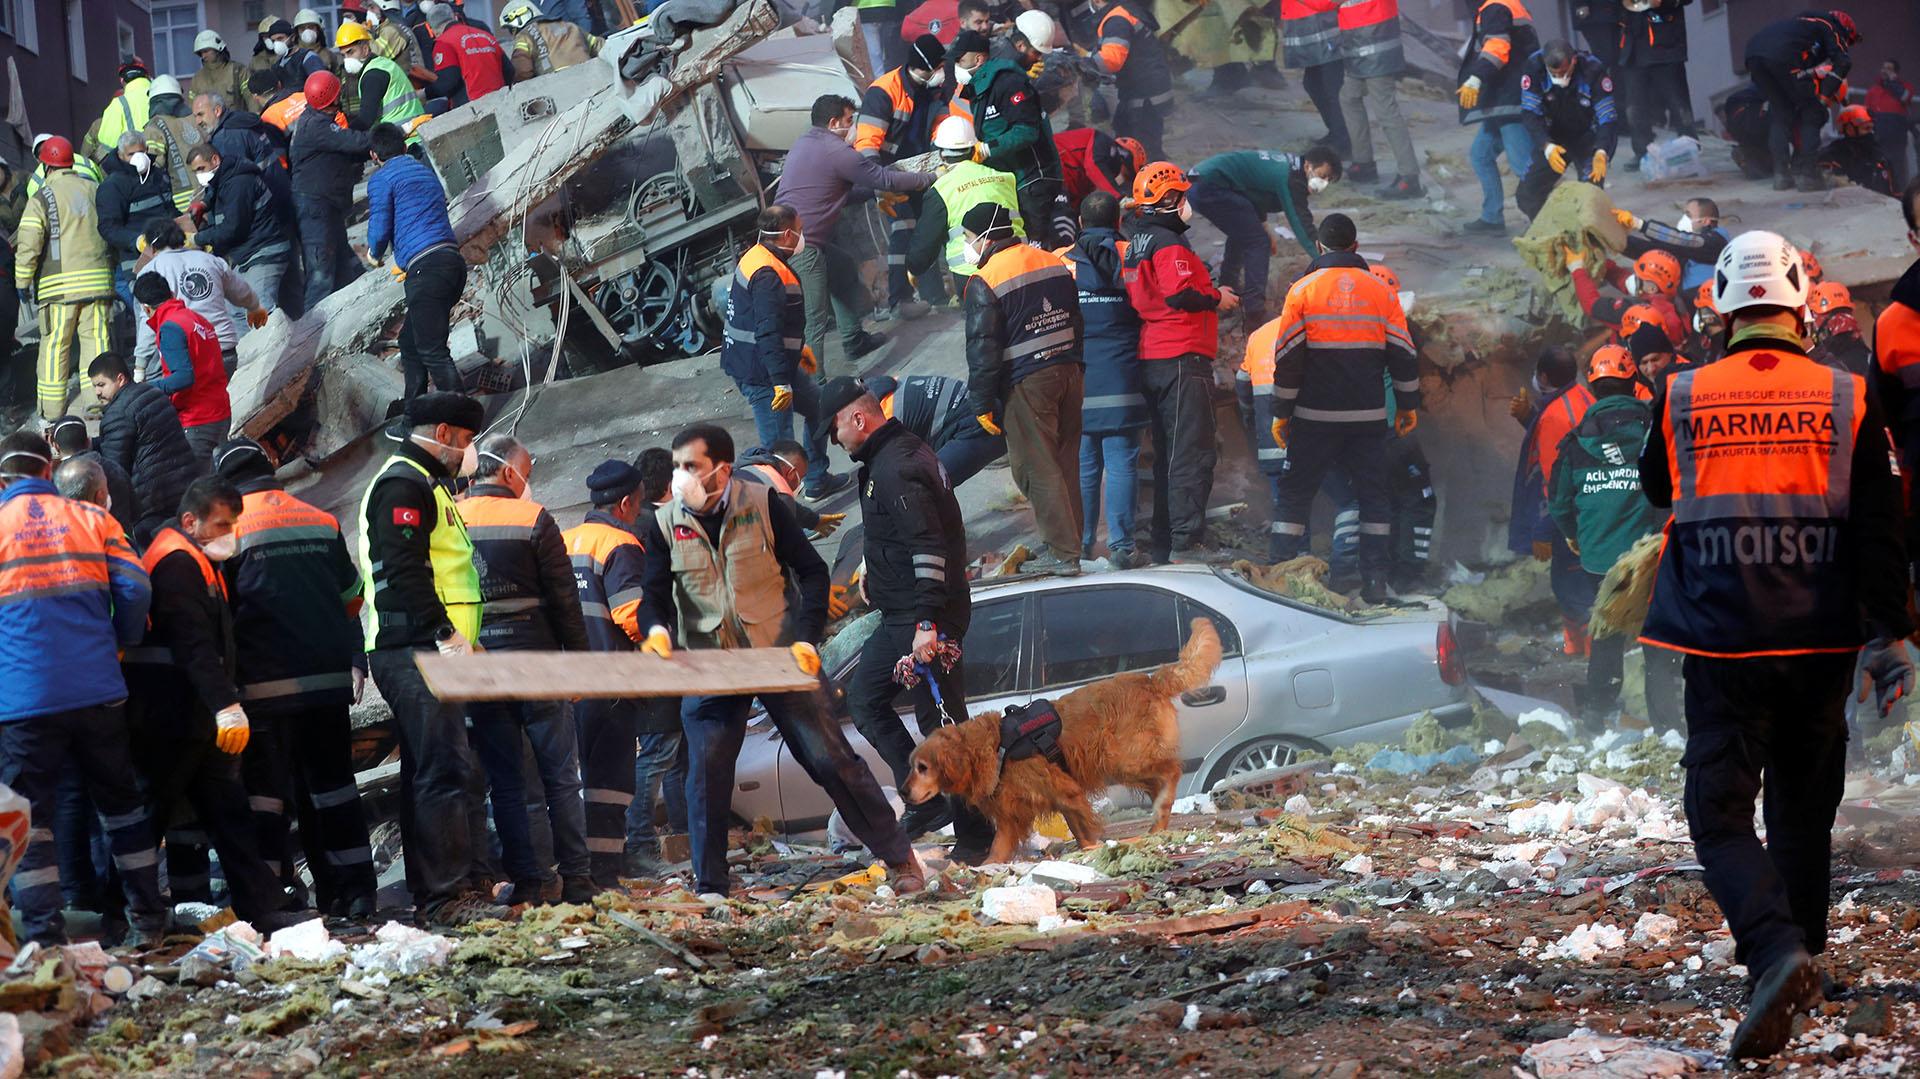 Se cree que el número de víctimas podría aumentar (Reuters)